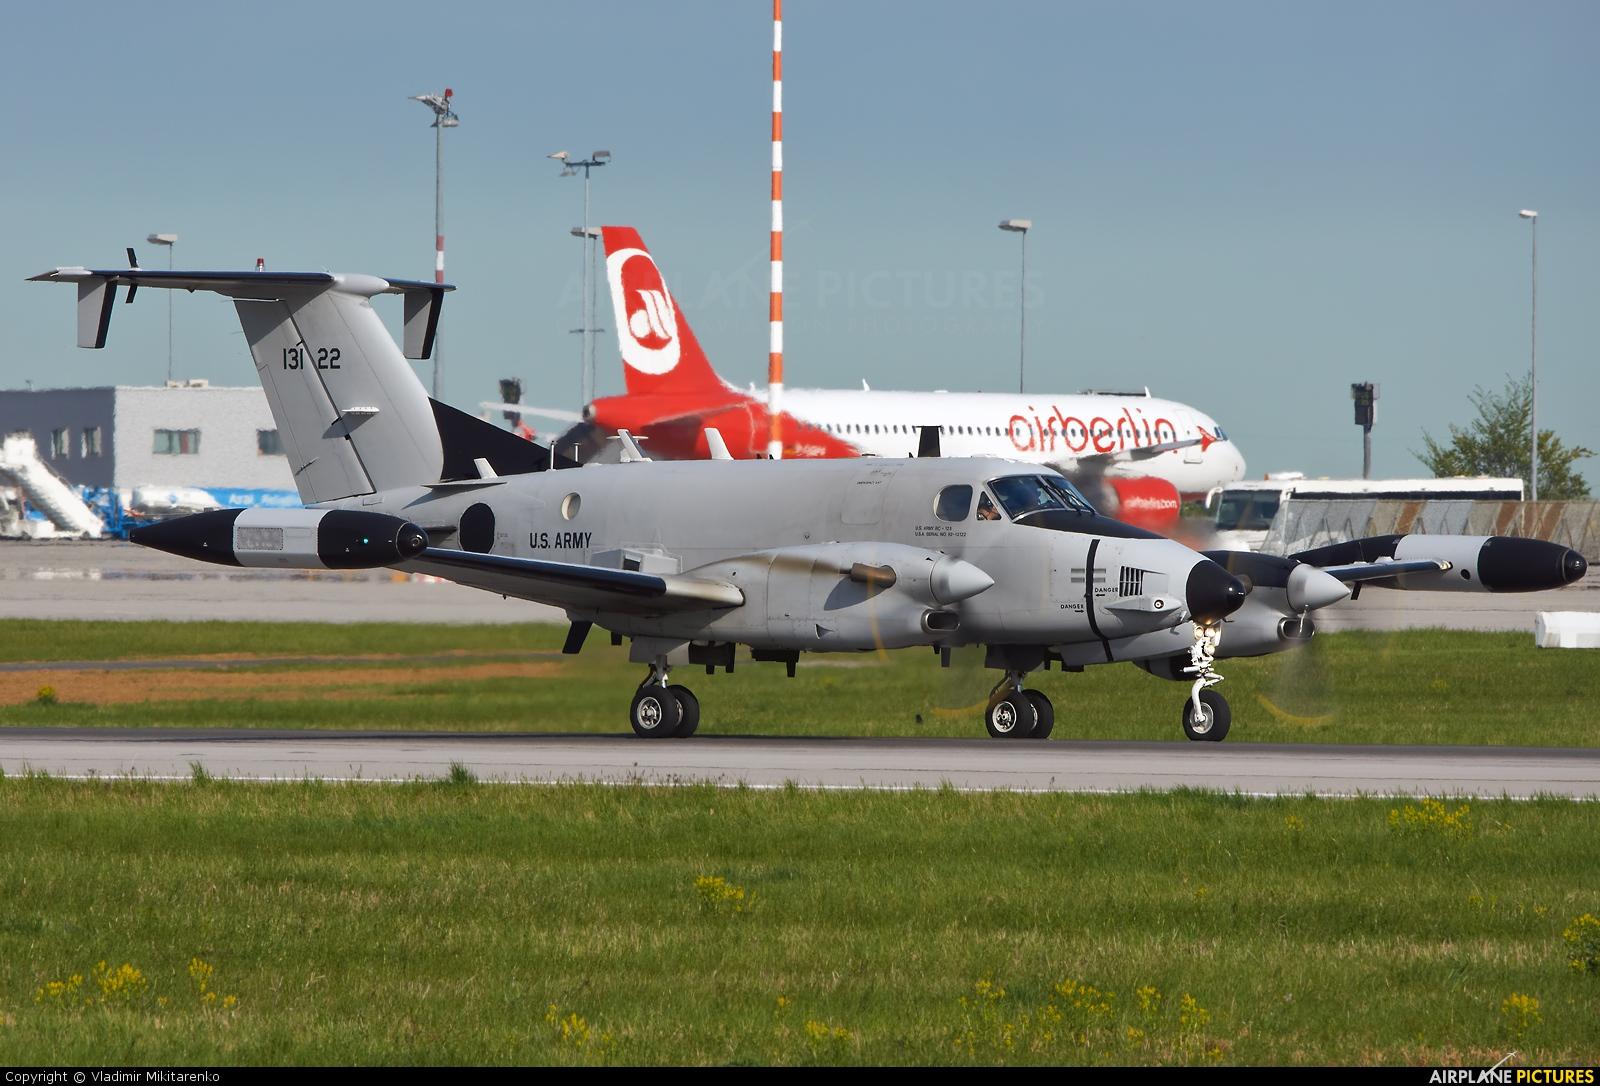 USA - Army 92-13122 aircraft at Stuttgart